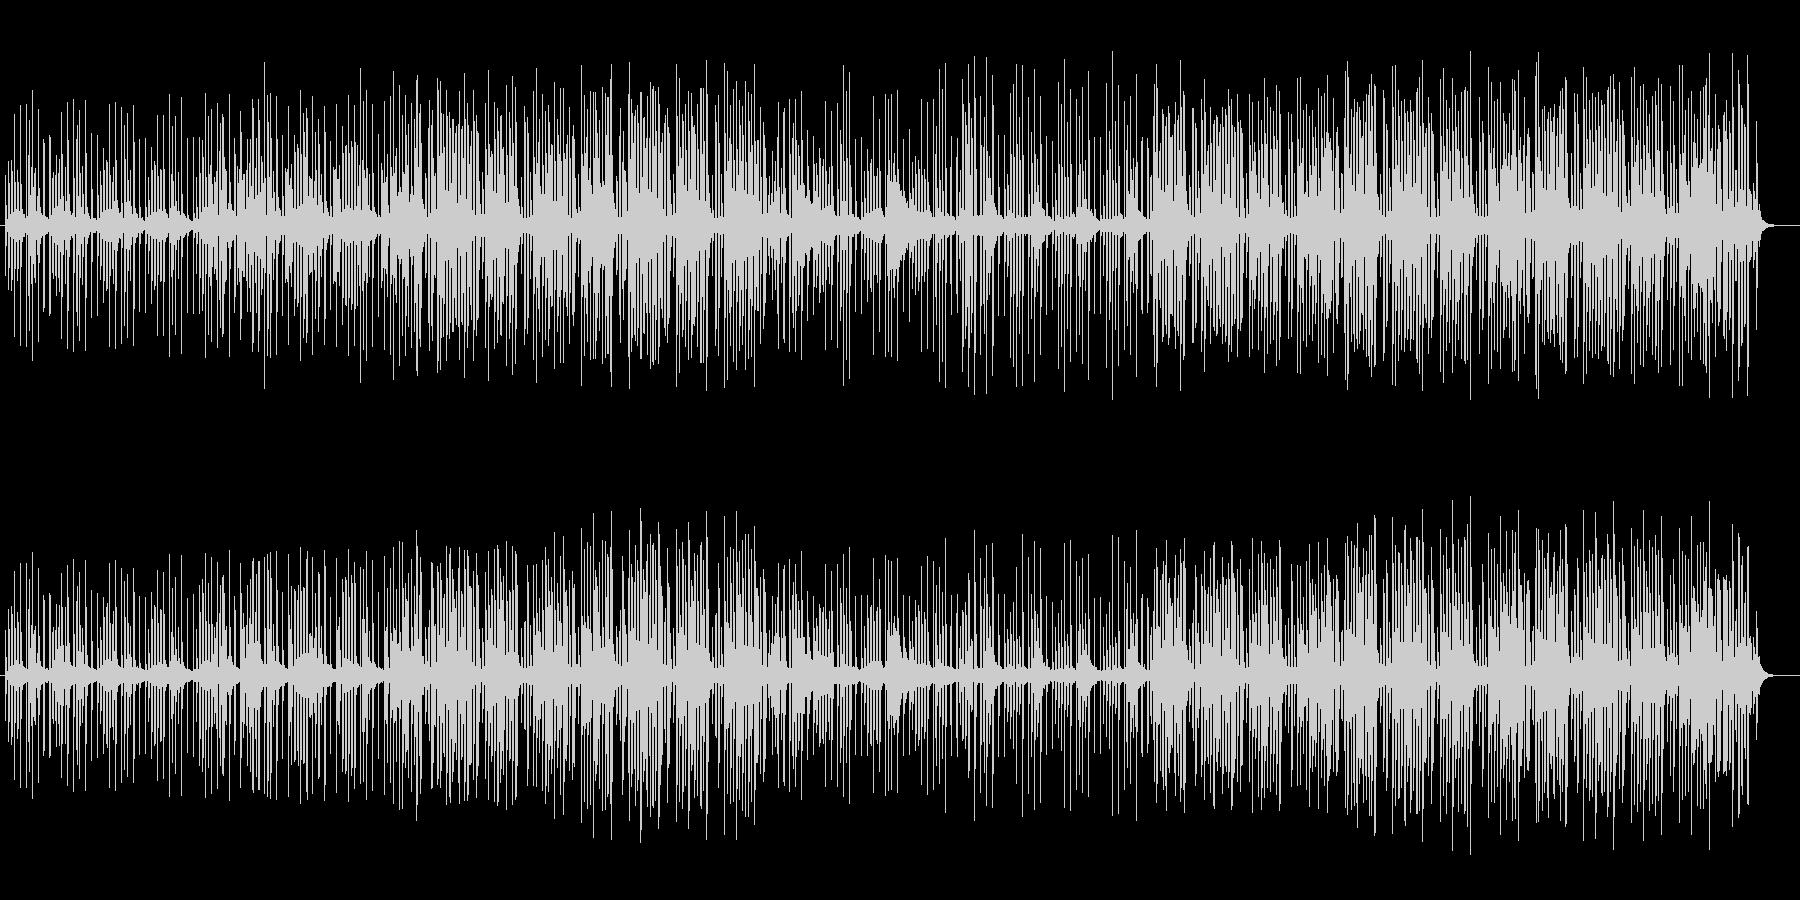 ゆったりファンタジー打楽器シンセサウンドの未再生の波形